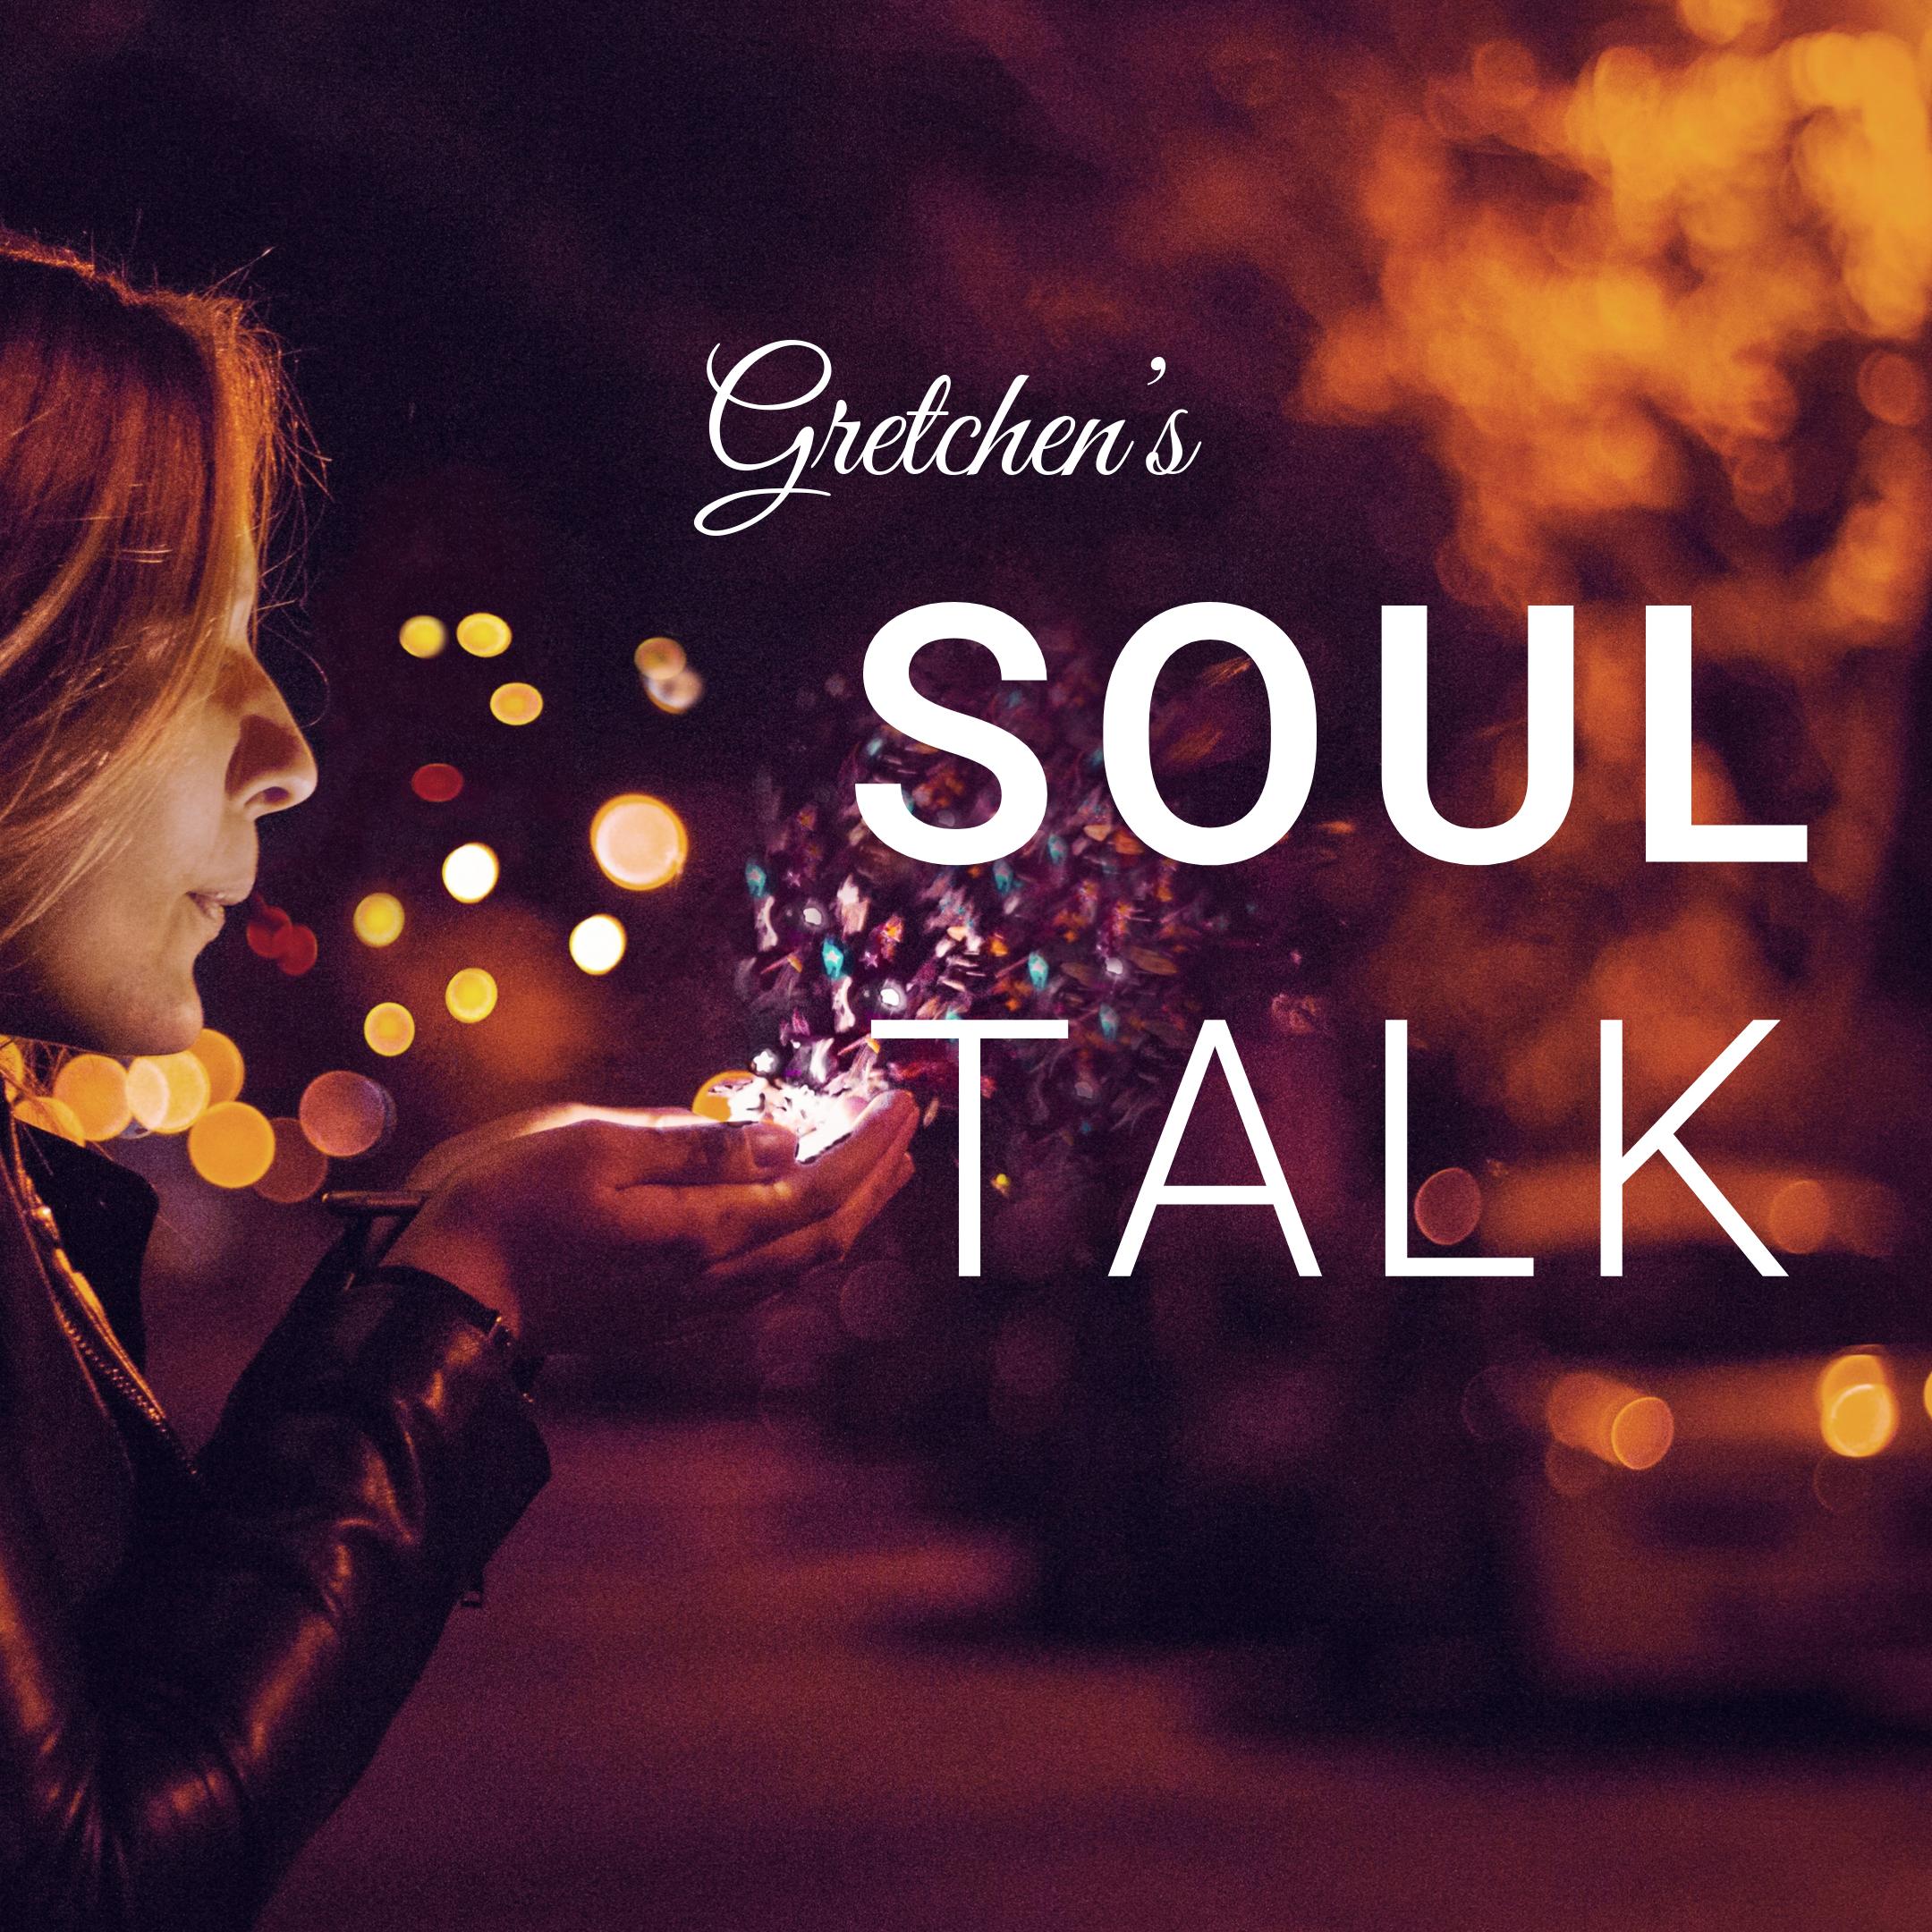 Gretchen's soul Talk